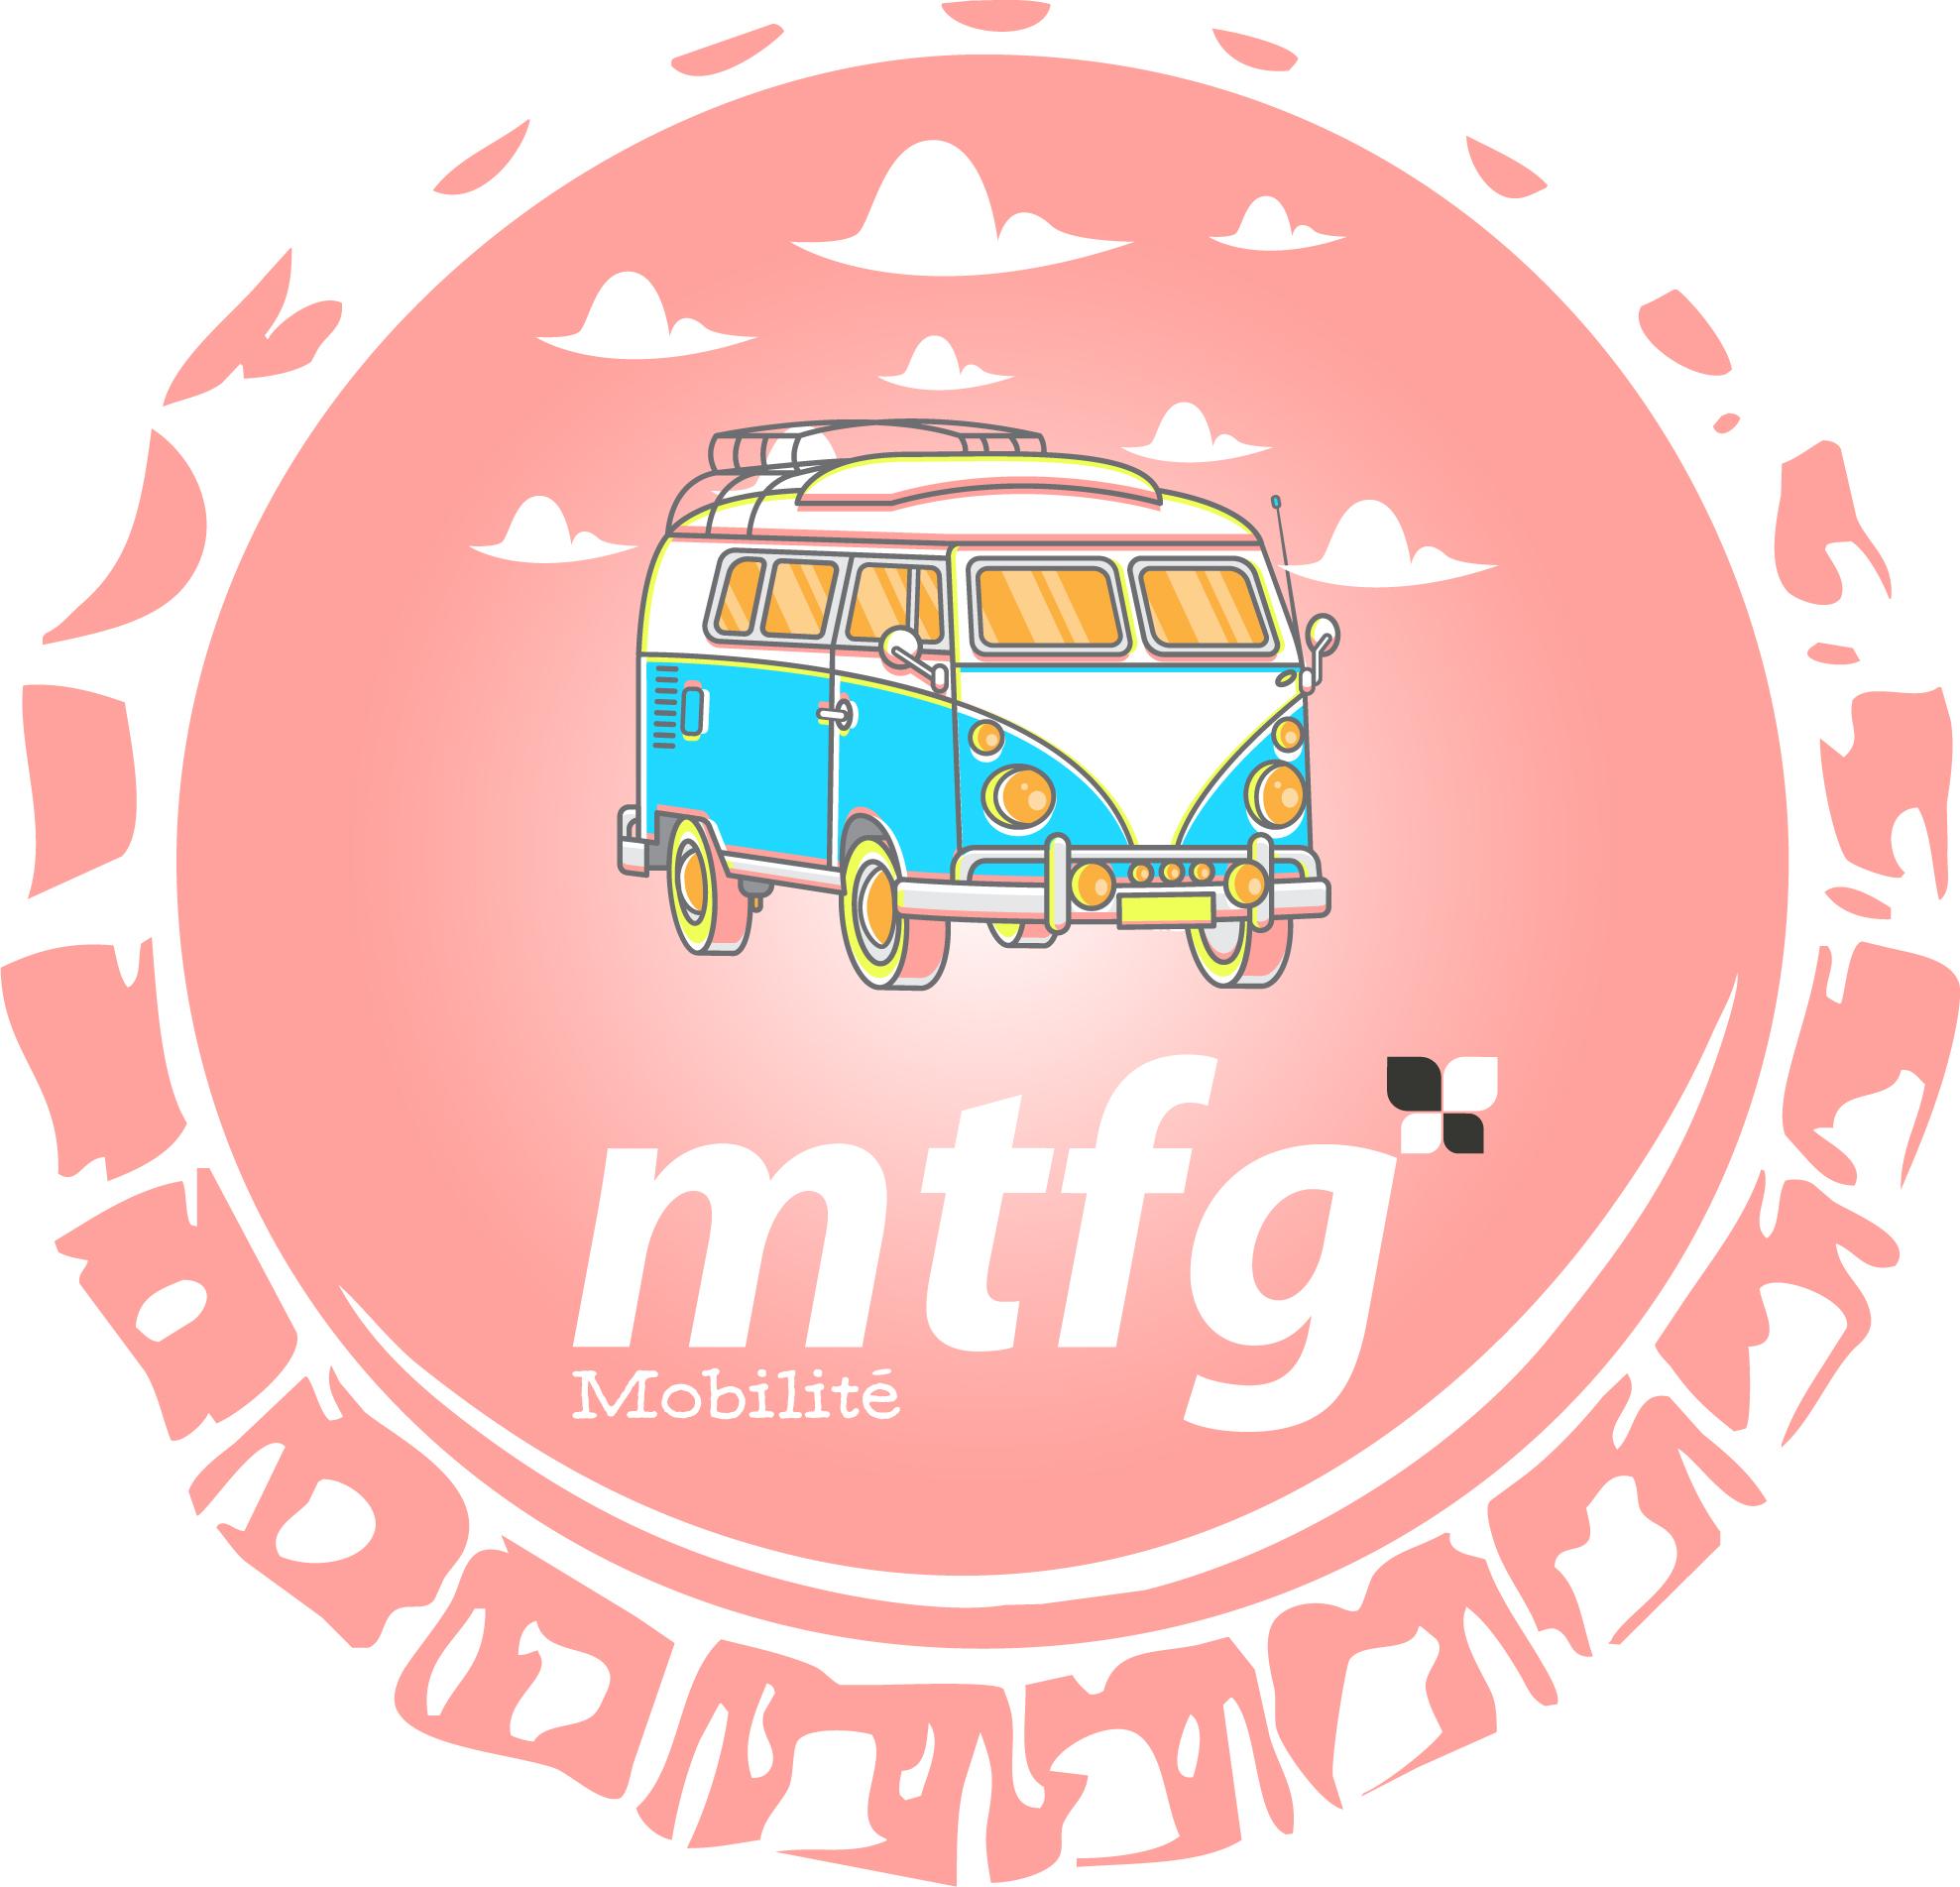 MTFG Mobilité